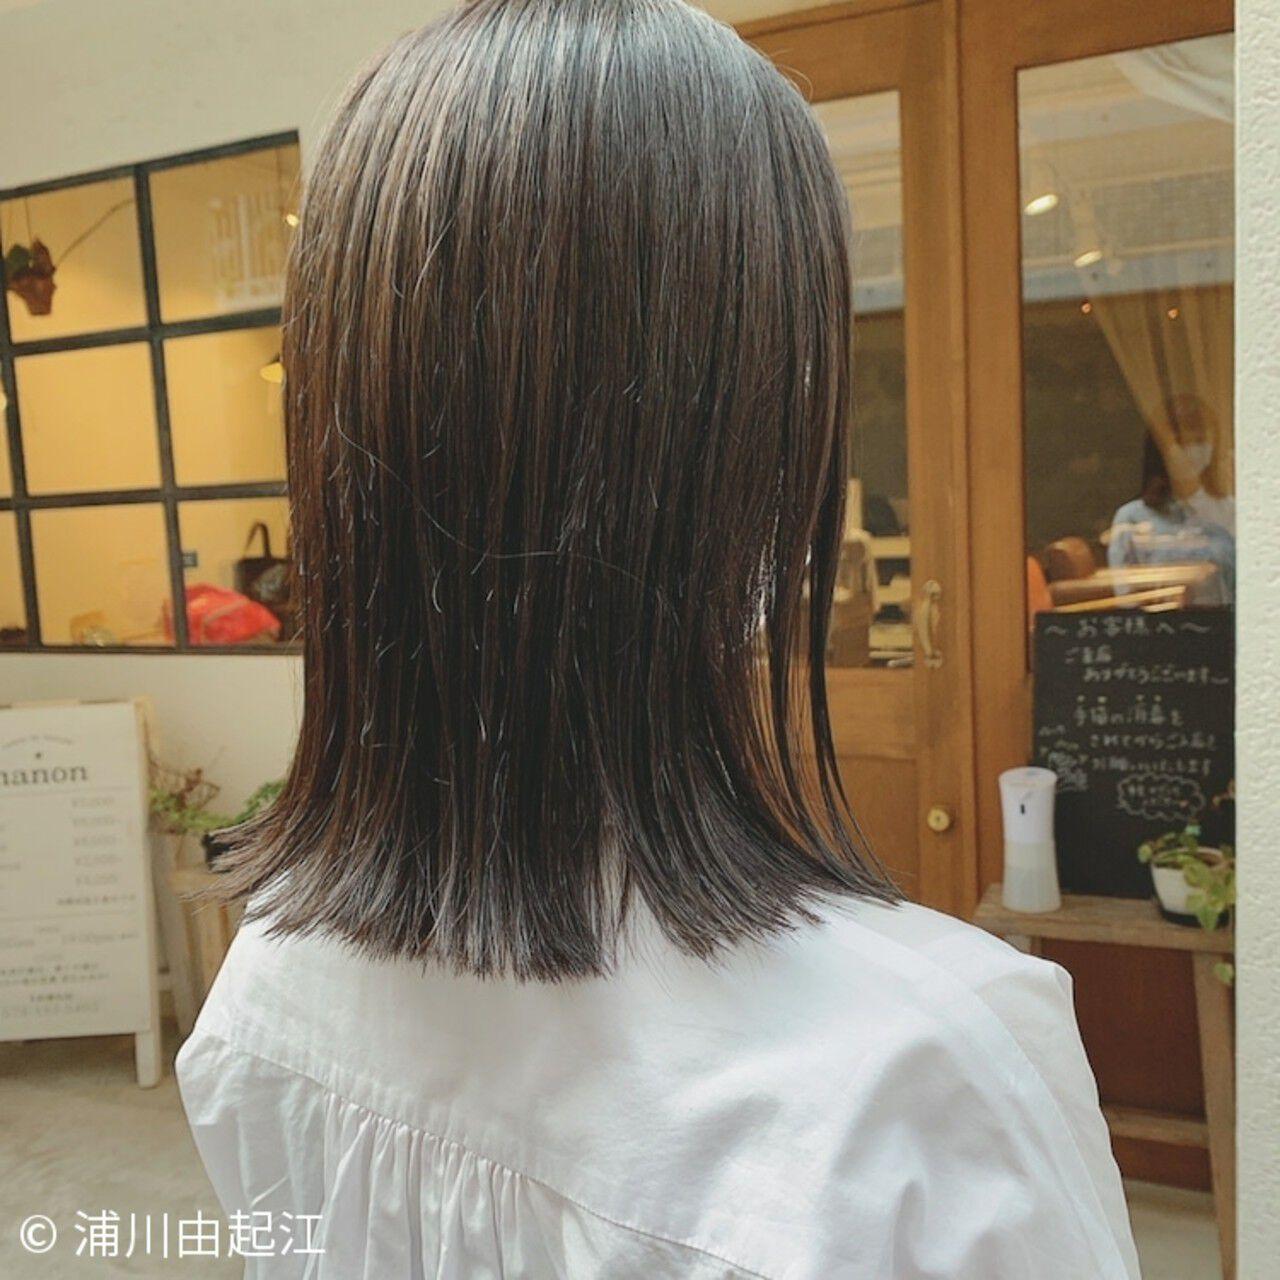 ミディアム 艶髪 外ハネ ゆるふわヘアスタイルや髪型の写真・画像